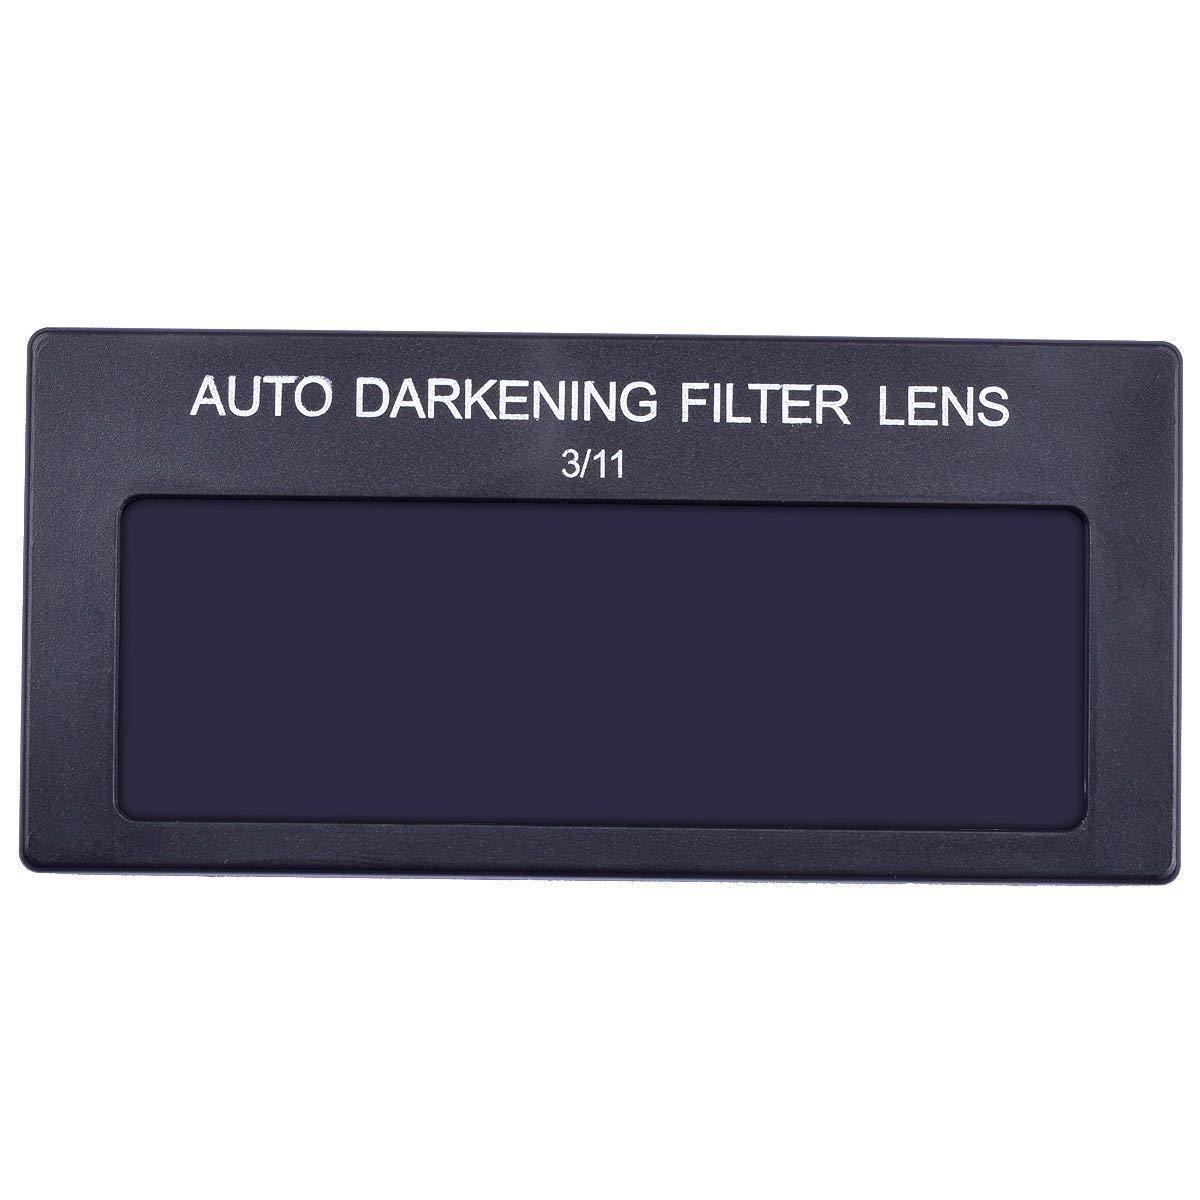 Mask Lens Automation Filter Shade Eyes Lens Helmet Filter Shade,3//11 4 X 2 Solar Auto-Darkening Welding Filter Lens 2-Pack,Variable Shade Horizontal Filter